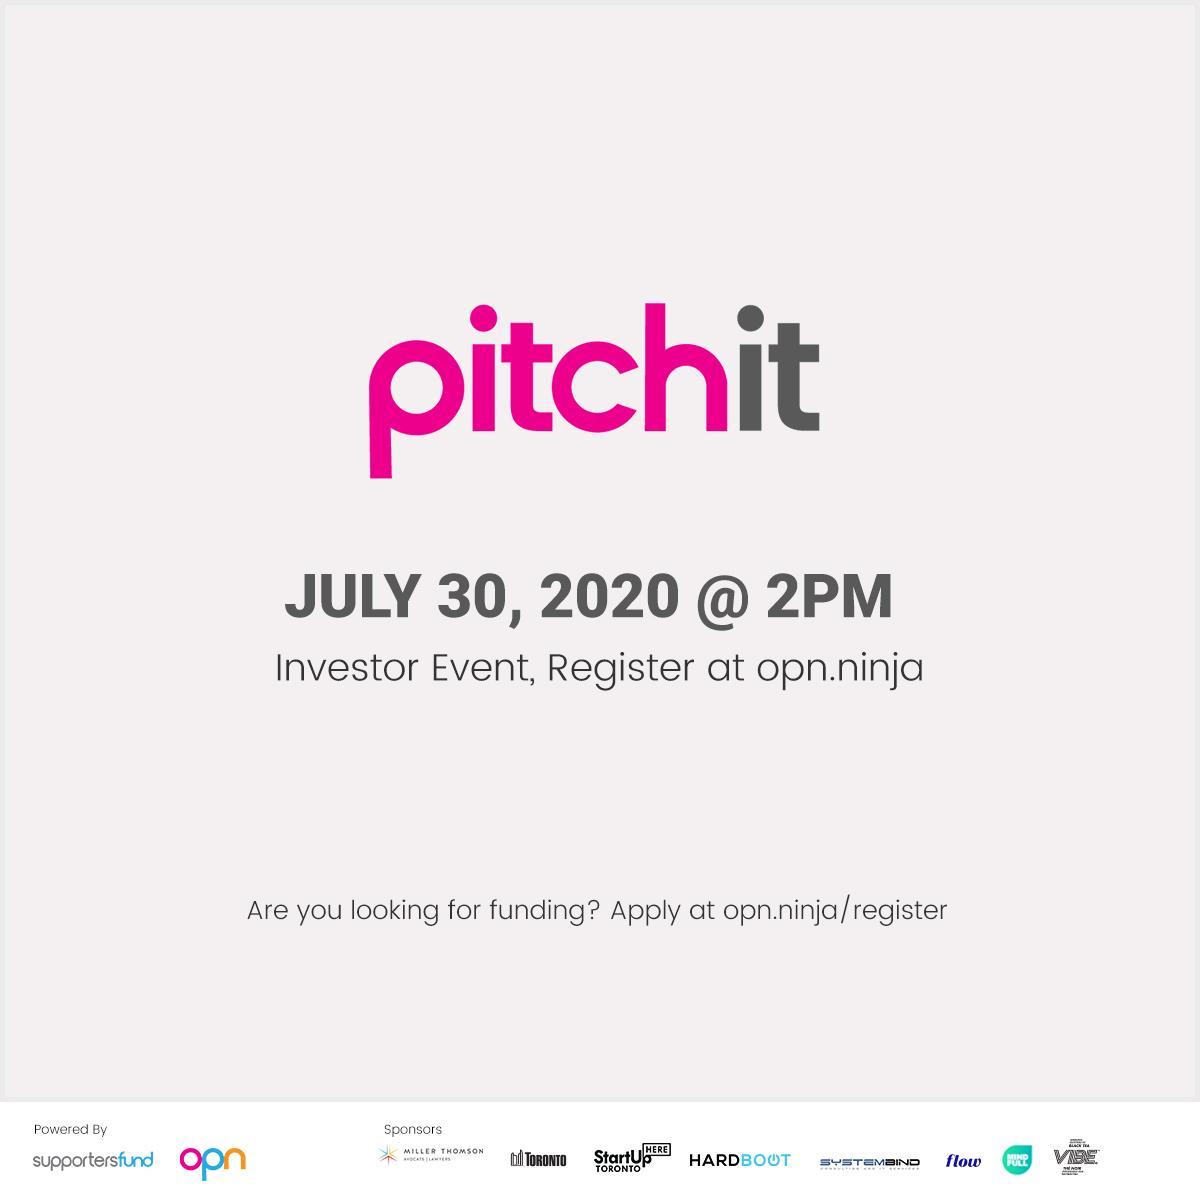 #PitchItSkiptheline JULY 30